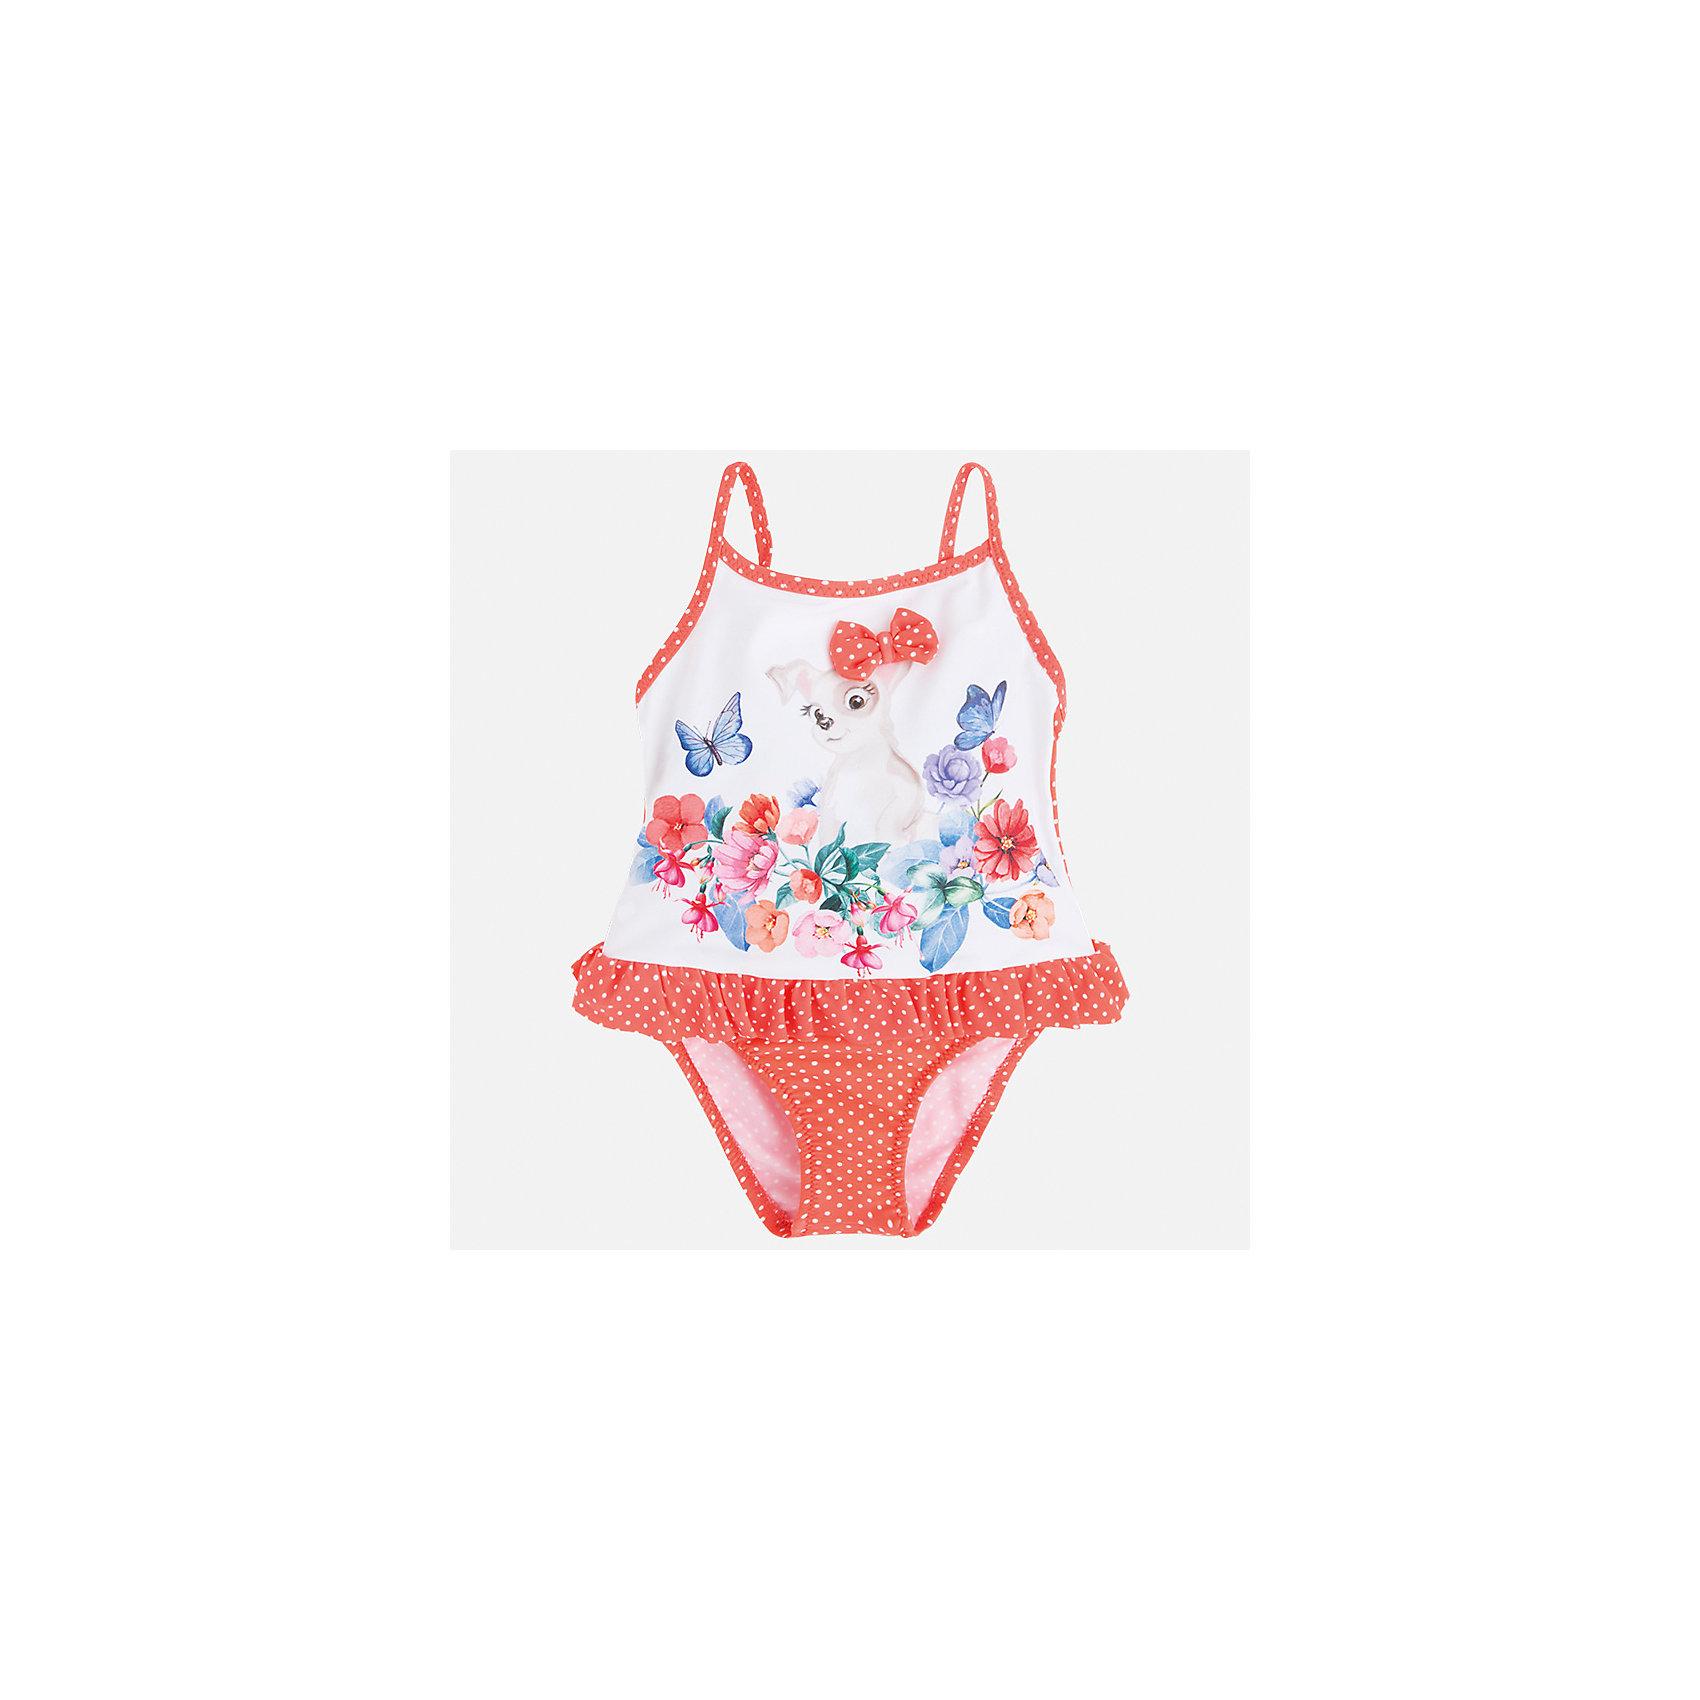 Купальник слитный для девочки MayoralКупальники и плавки<br>Характеристики товара:<br><br>• цвет: красный/белый<br>• состав: верх - 87% полиамид, 13% эластан, подкладка- 100% полиамид<br>• декорирован оборками<br>• с подкладкой<br>• быстросохнущий материал<br>• страна бренда: Испания<br><br>Одежда для купания должна быть удобной! Этот купальник для девочки не только хорошо сидит на ребенке, не стесняя движения и не натирая, он отлично смотрится! Предметы сшиты из плотной ткани, но она очень быстро высыхает. Интересная отделка модели делает её нарядной и оригинальной. <br><br>Одежда, обувь и аксессуары от испанского бренда Mayoral полюбились детям и взрослым по всему миру. Модели этой марки - стильные и удобные. Для их производства используются только безопасные, качественные материалы и фурнитура. Порадуйте ребенка модными и красивыми вещами от Mayoral! <br><br>Купальник для девочки от испанского бренда Mayoral (Майорал) можно купить в нашем интернет-магазине.<br><br>Ширина мм: 183<br>Глубина мм: 60<br>Высота мм: 135<br>Вес г: 119<br>Цвет: красный<br>Возраст от месяцев: 72<br>Возраст до месяцев: 84<br>Пол: Женский<br>Возраст: Детский<br>Размер: 122,92,98,104,110,116<br>SKU: 5290811